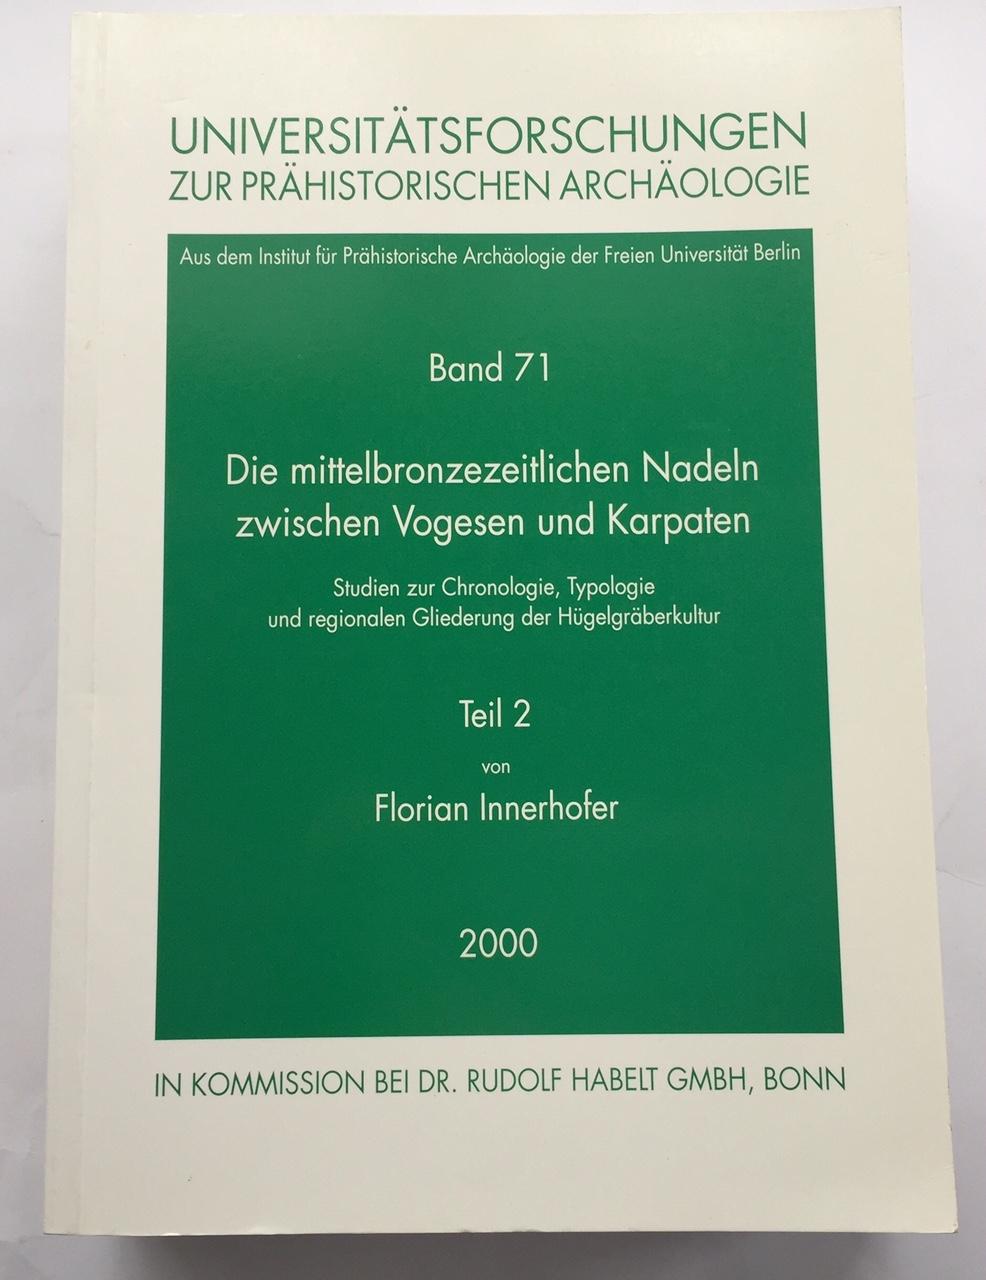 Universitatsforschungen zur Prahistorischen Archaologie Band 71 :Die mittelbronzezeitlichen Nadeln zwischen Vogesen und Karpaten Part 2, Innerhofer, Florian ;